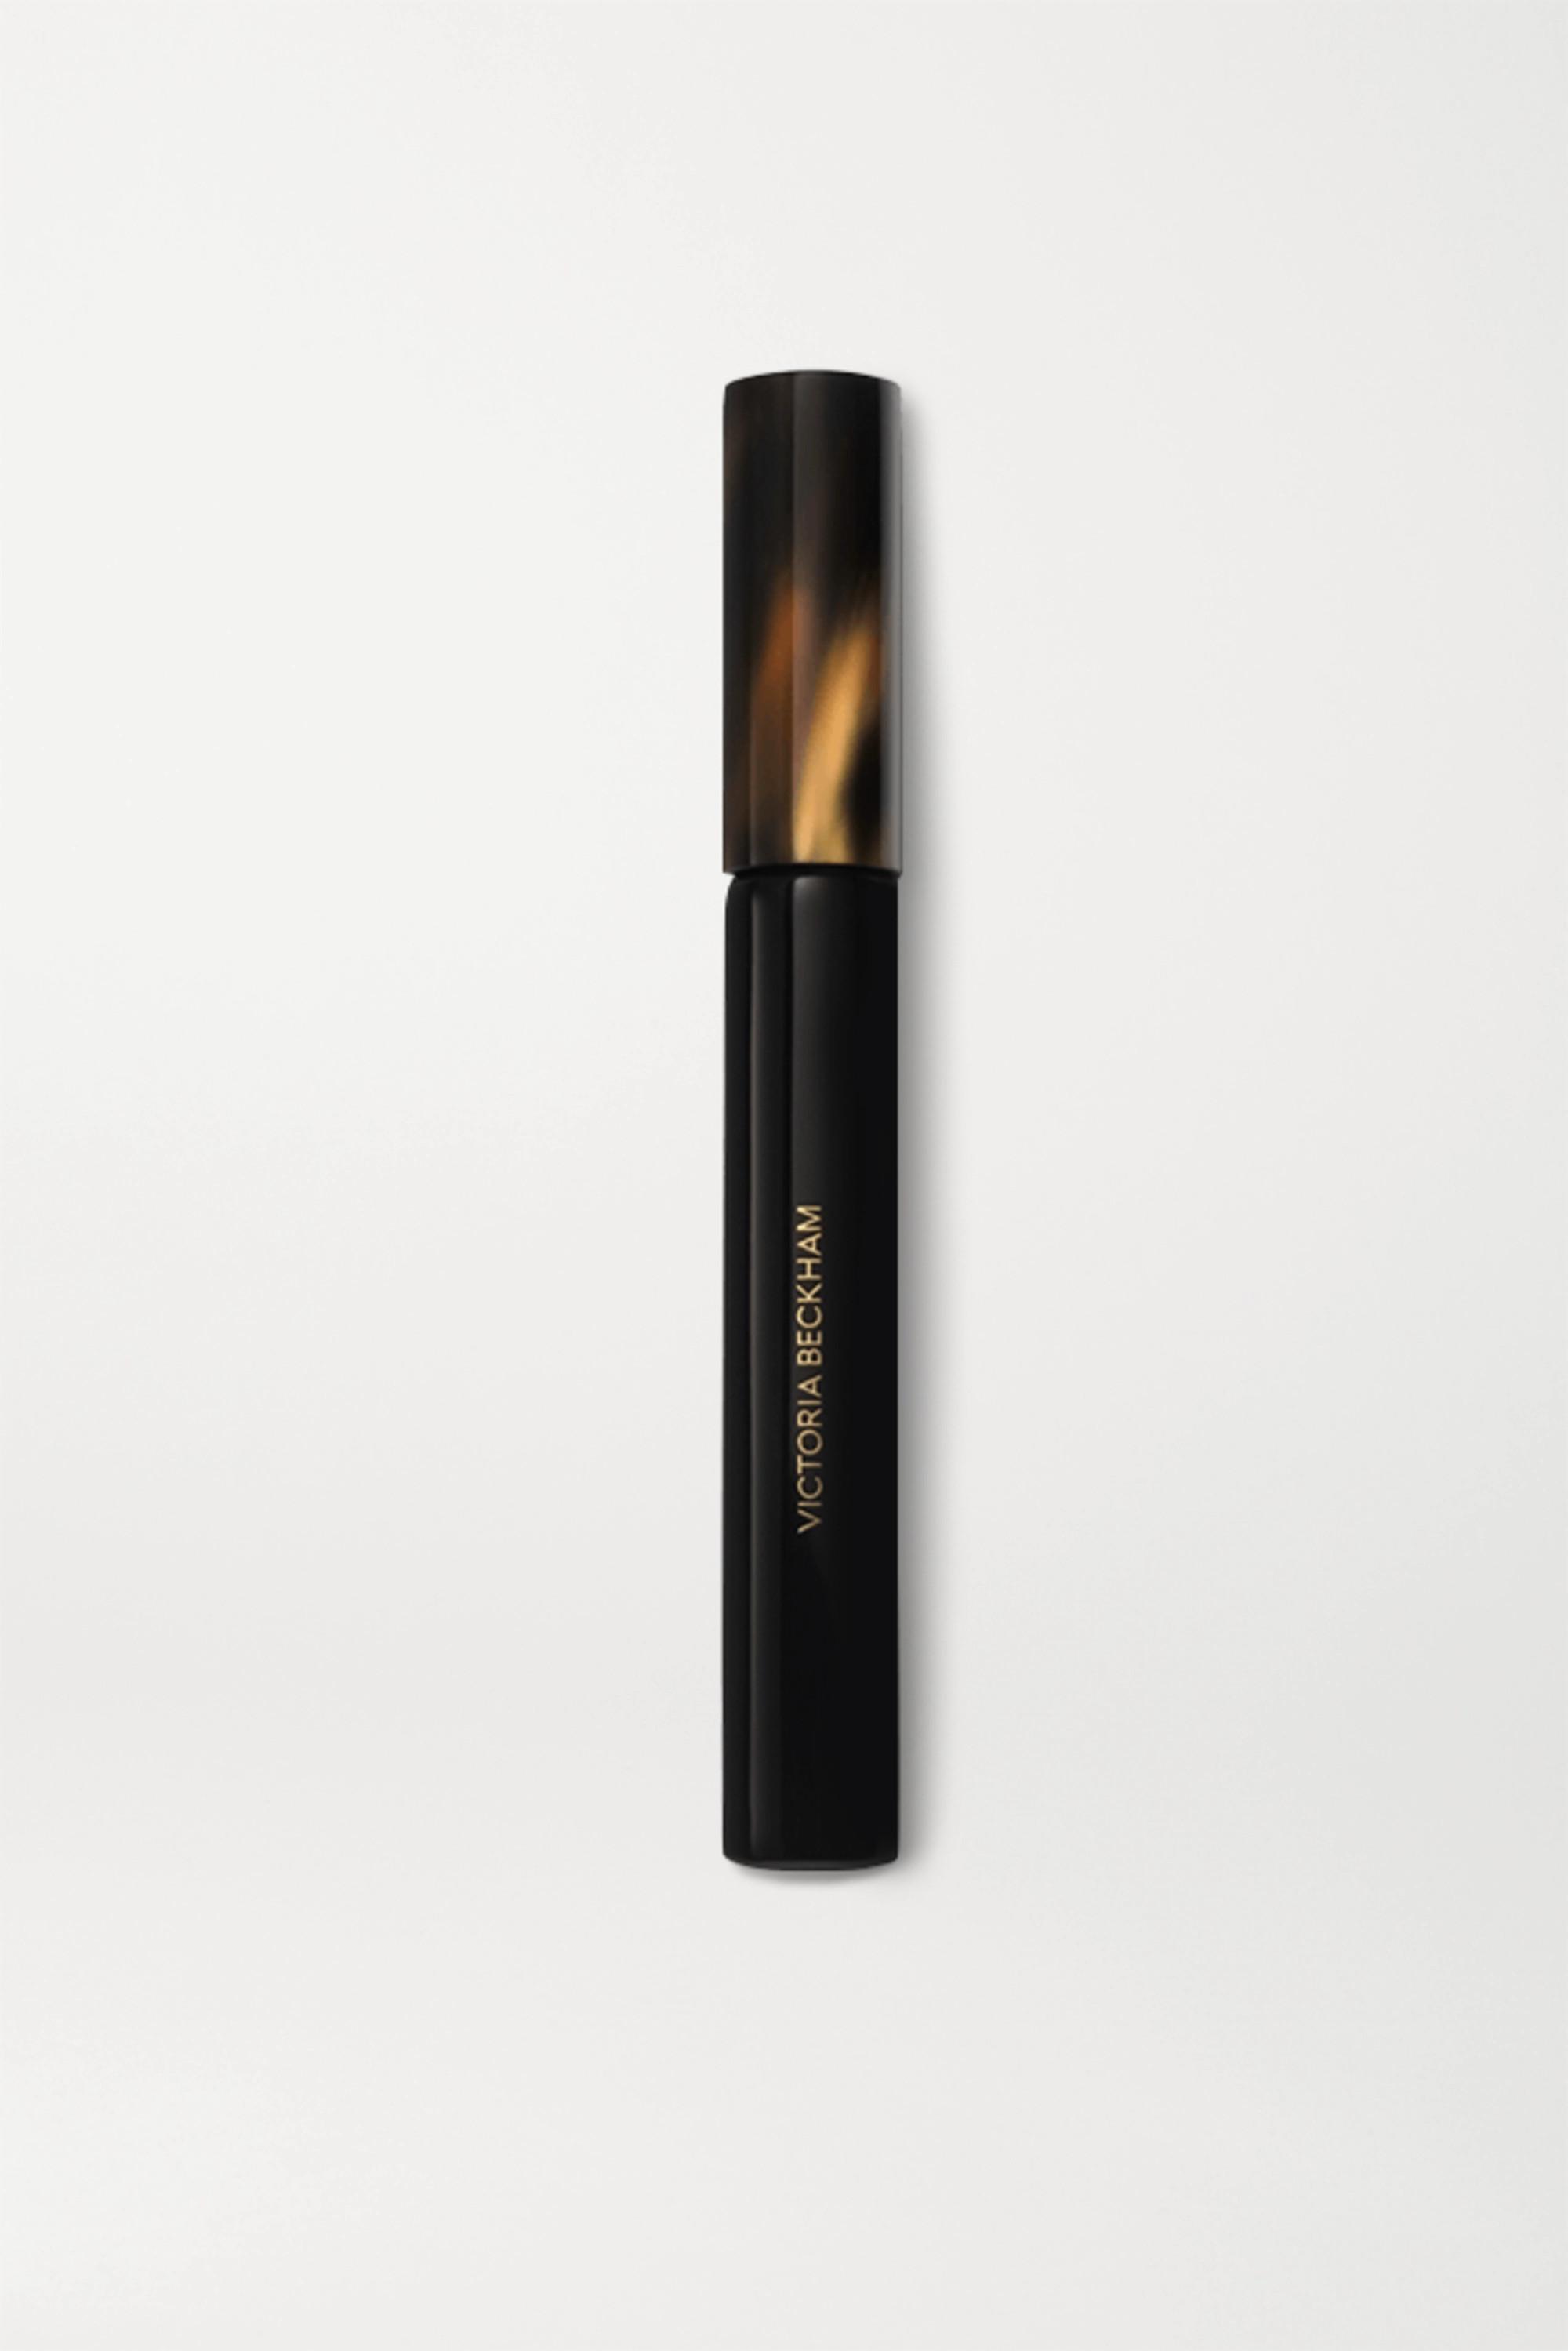 Victoria Beckham Beauty Bitten Lip Tint - Bisou